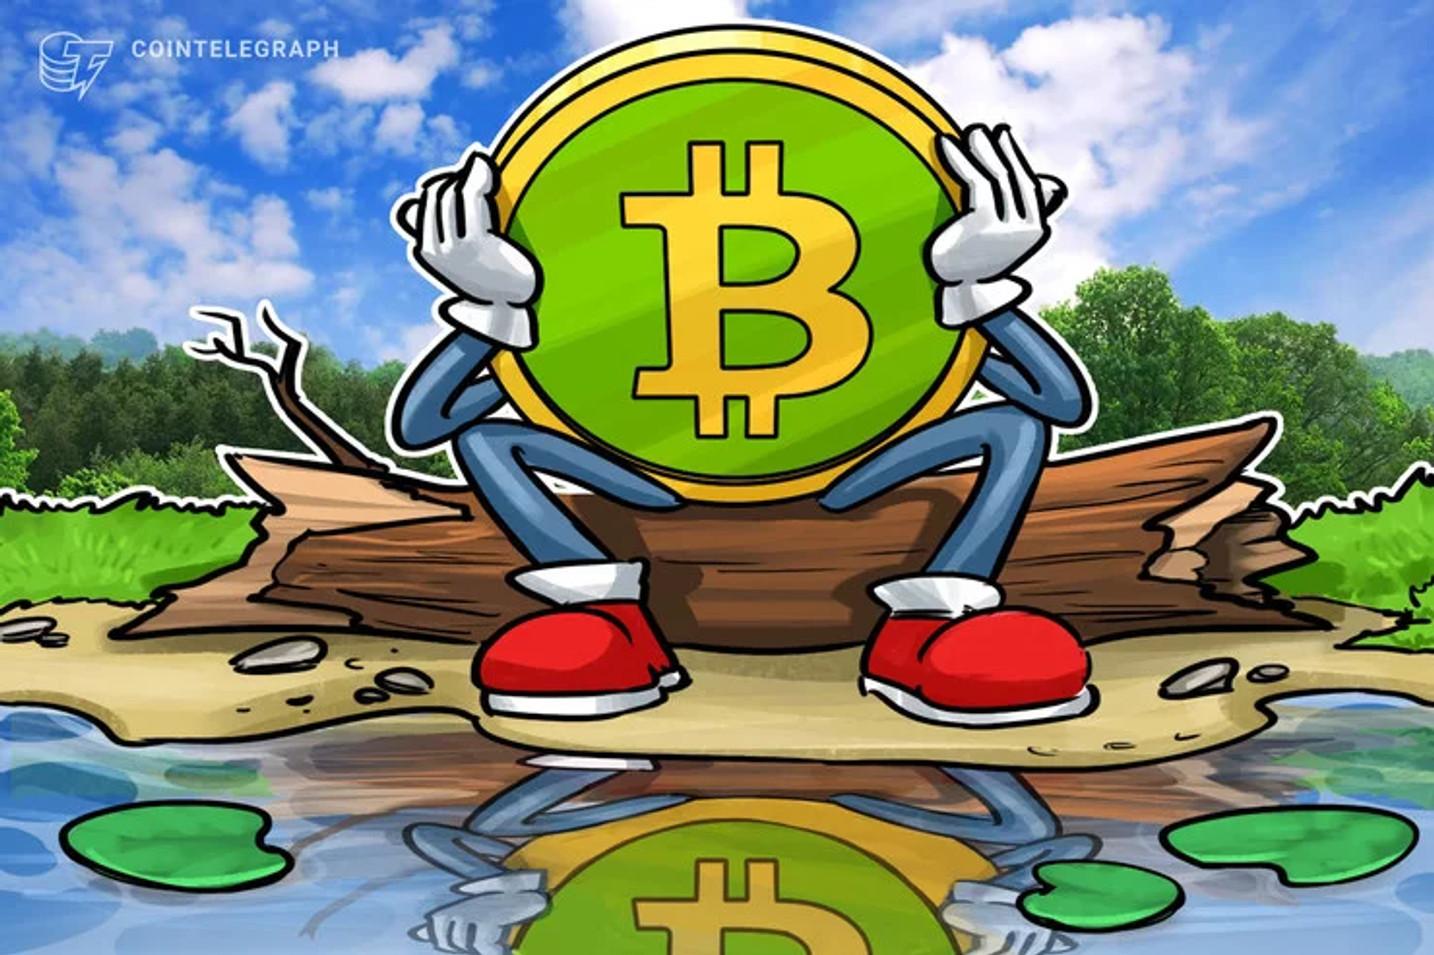 """""""Bitcoin valdrá 100.000 dólares después de ver un período de miedo y cansancio"""", asegura Anthony Pompliano"""